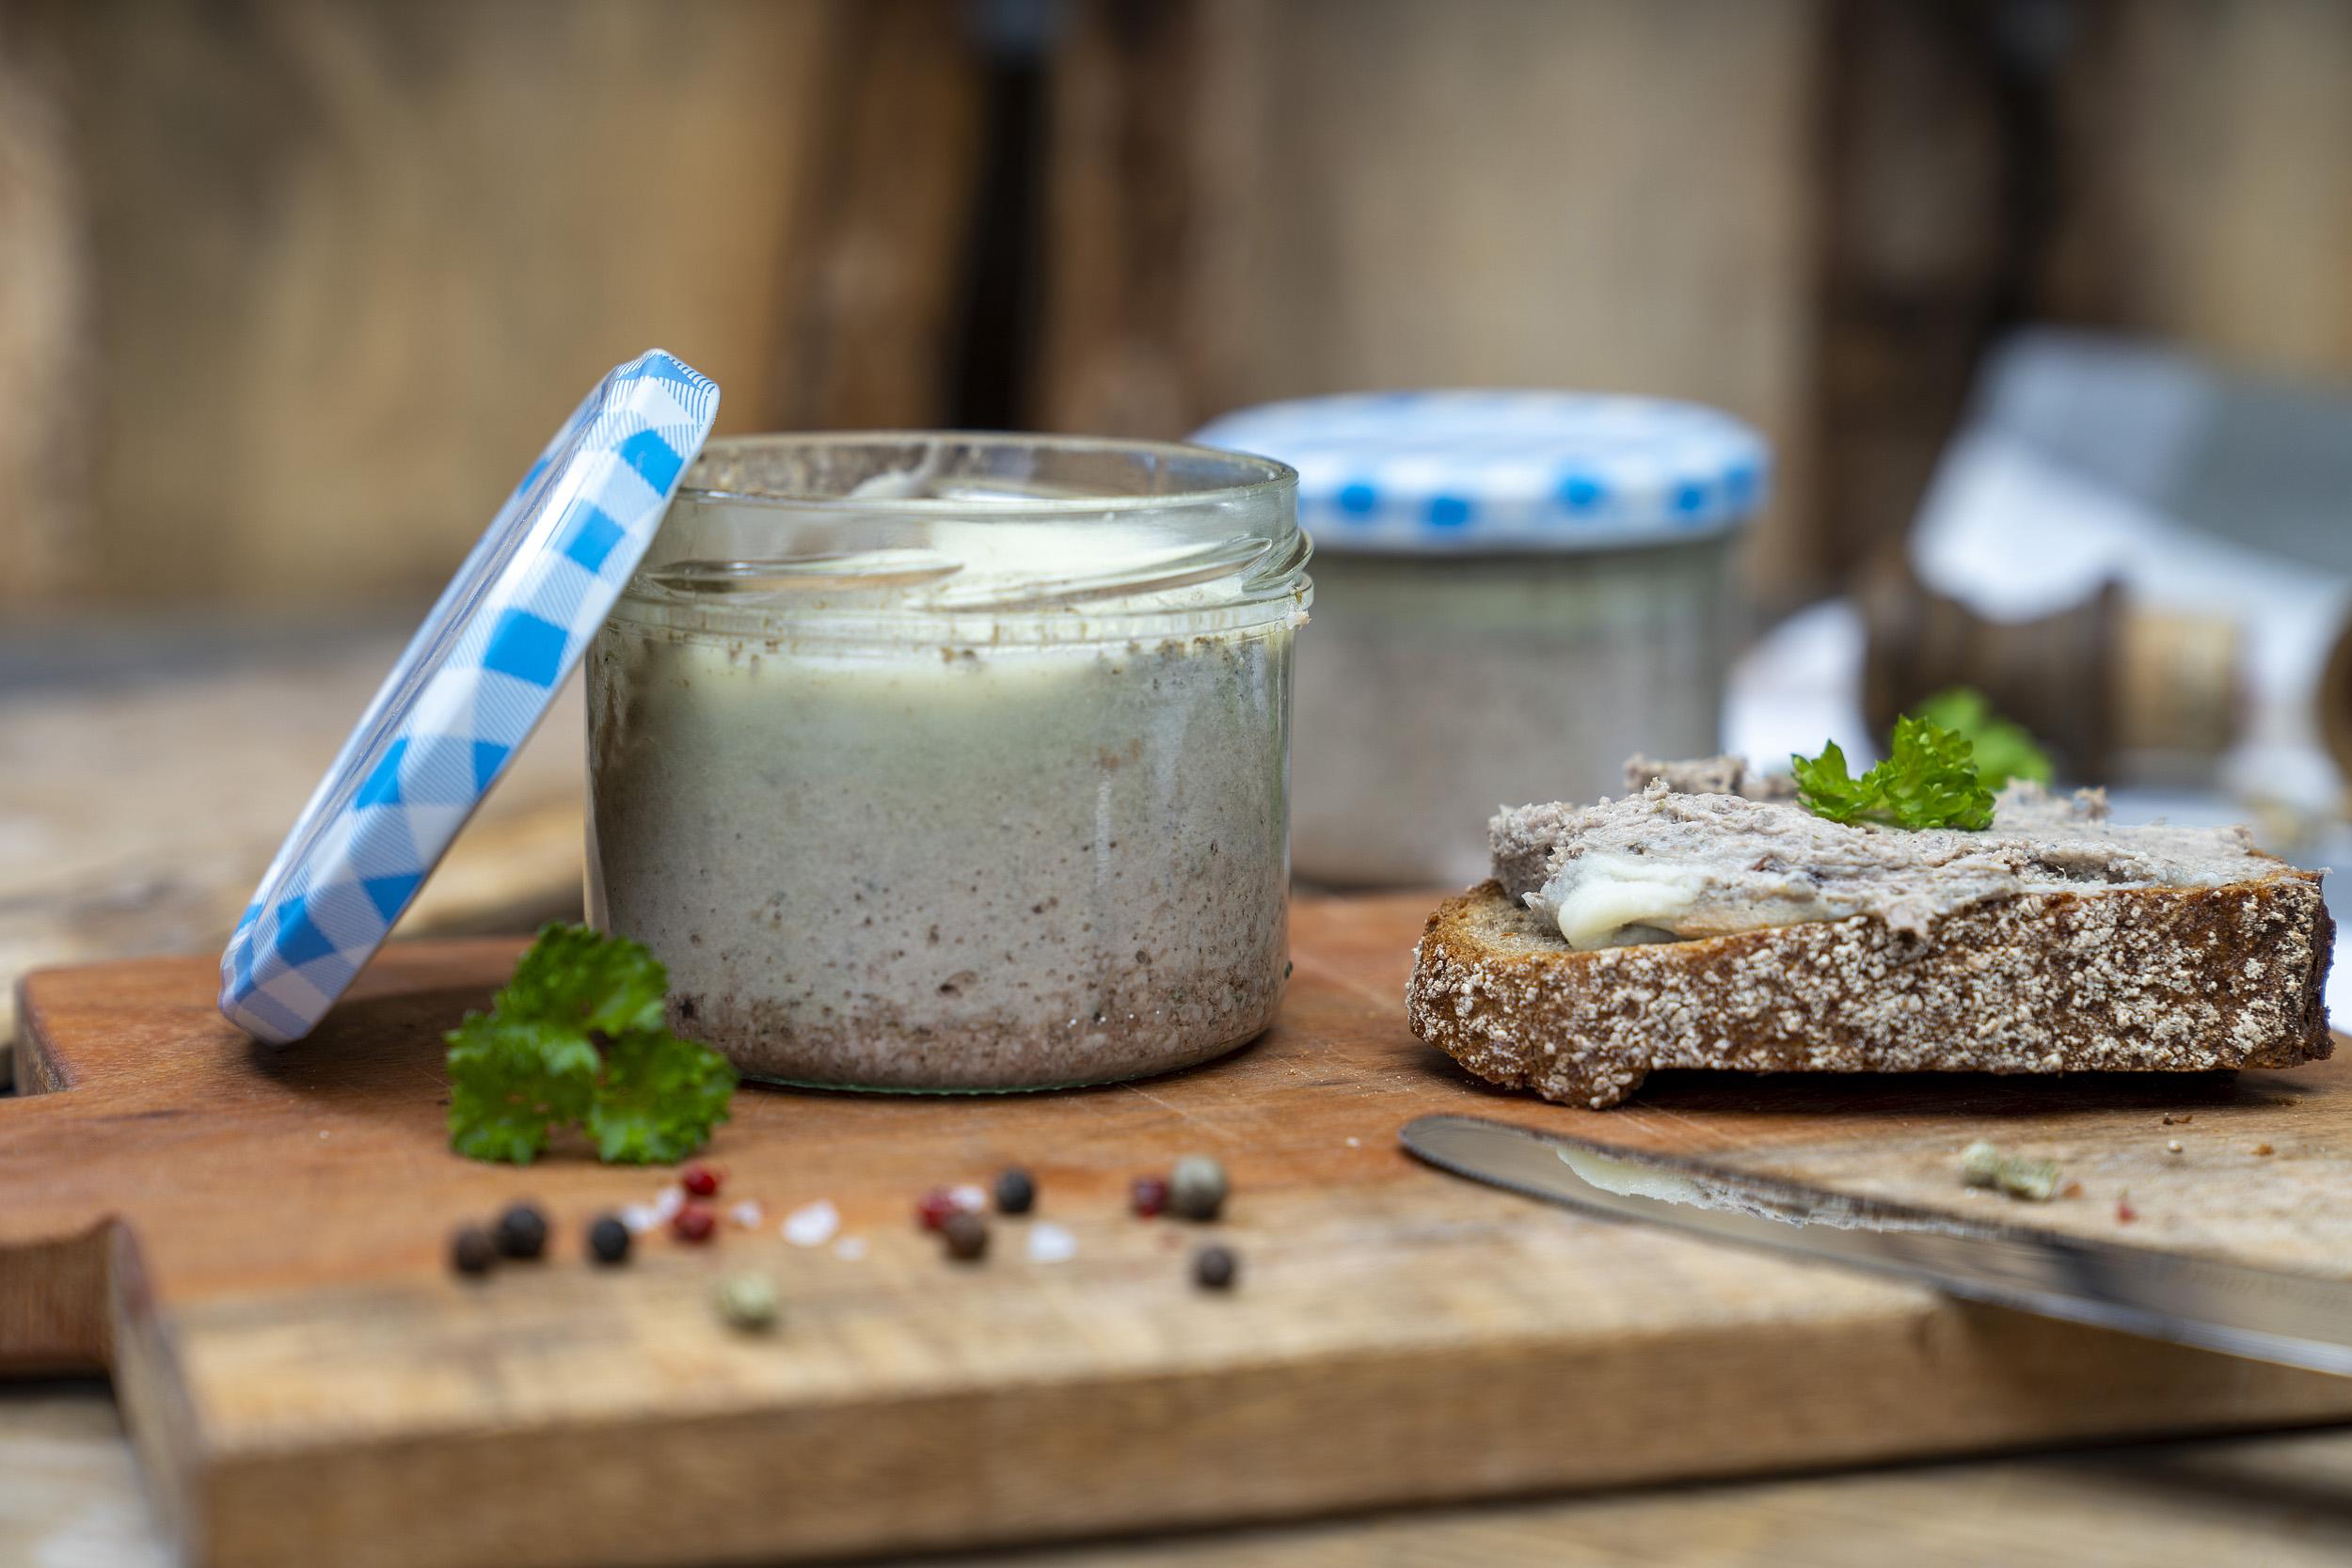 Ein Glas Zwiebelleberwurst auf eine Brett. Ein beschmiertes Brot und Gewürze daneben. Hinten ein weiteres Glas der Leberwurst.